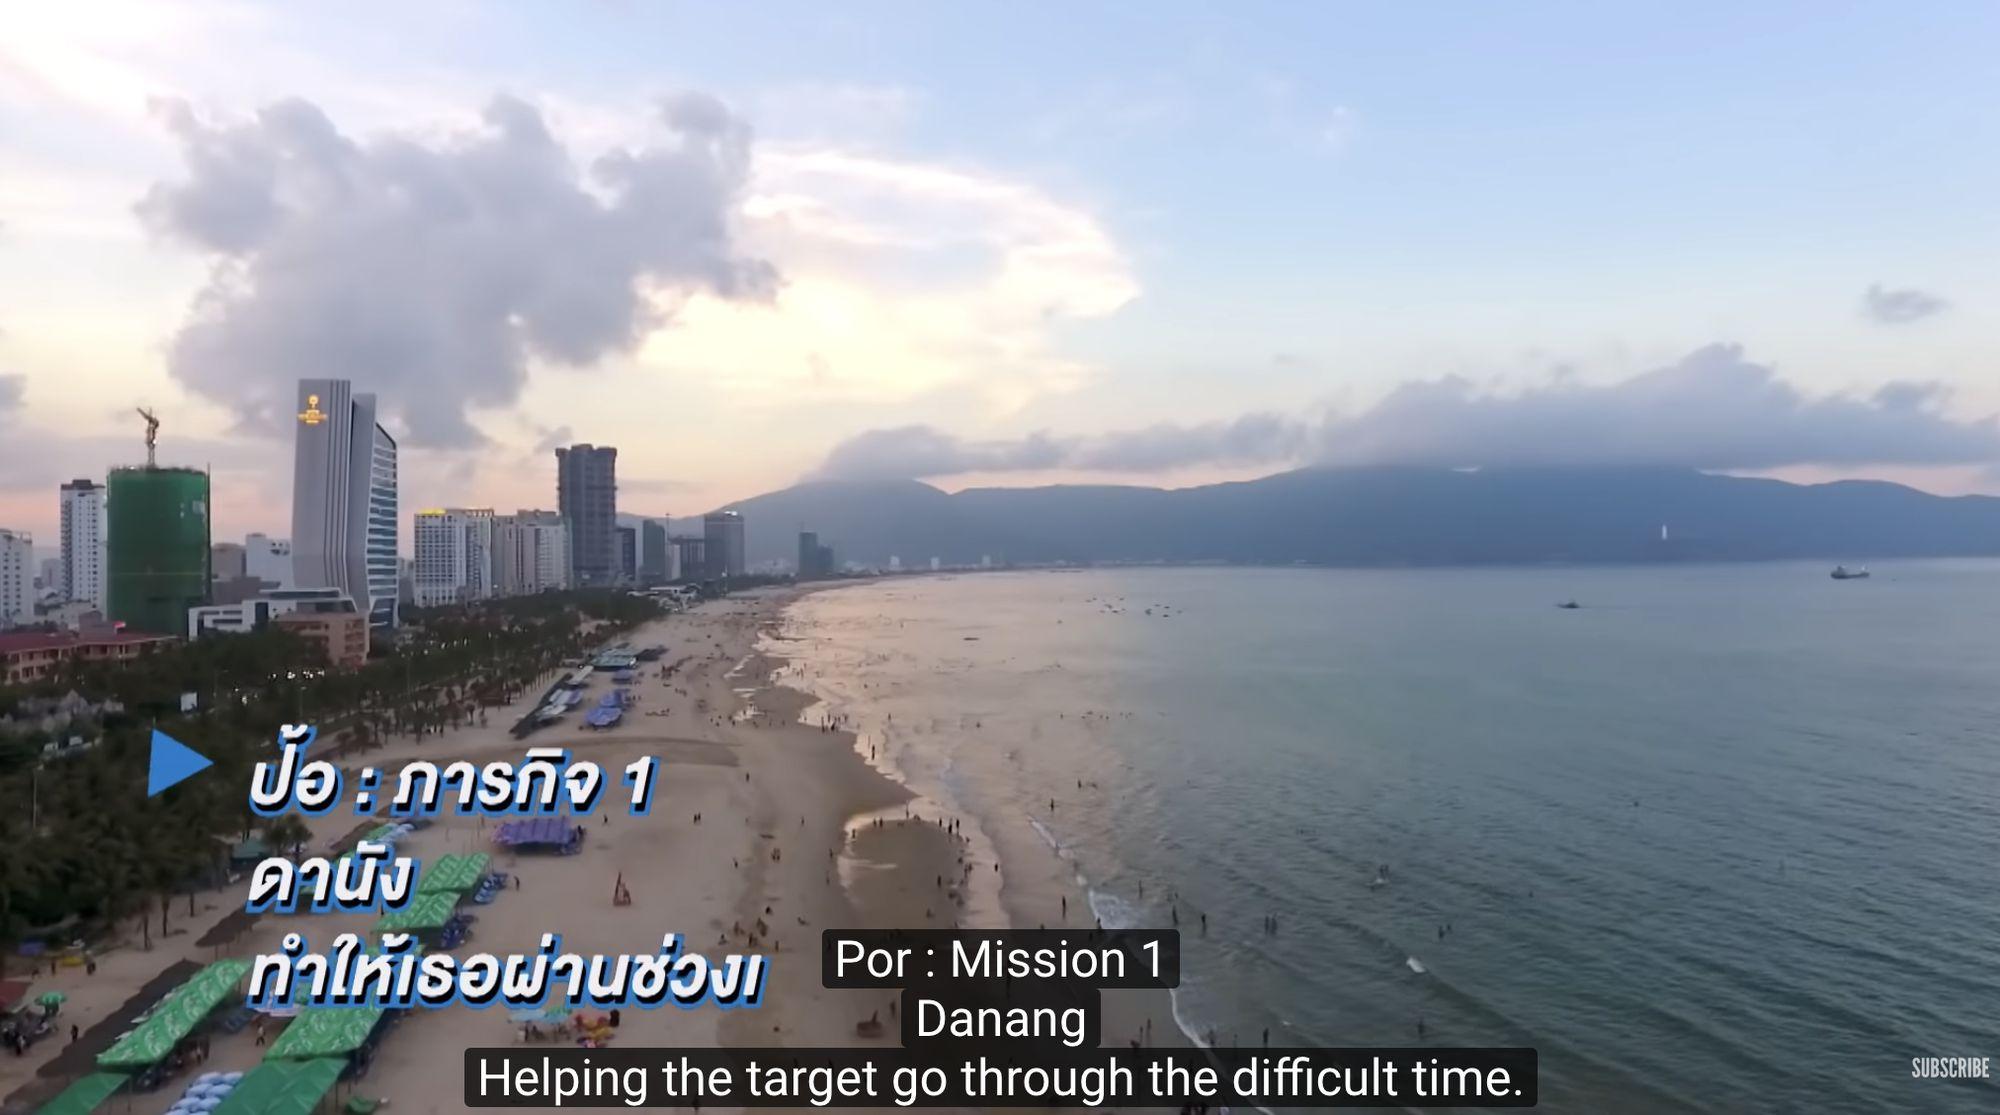 Ngắm loạt ảnh Đà Nẵng - Hội An đẹp ngỡ ngàng trong phim Wolf Thái Lan (3)